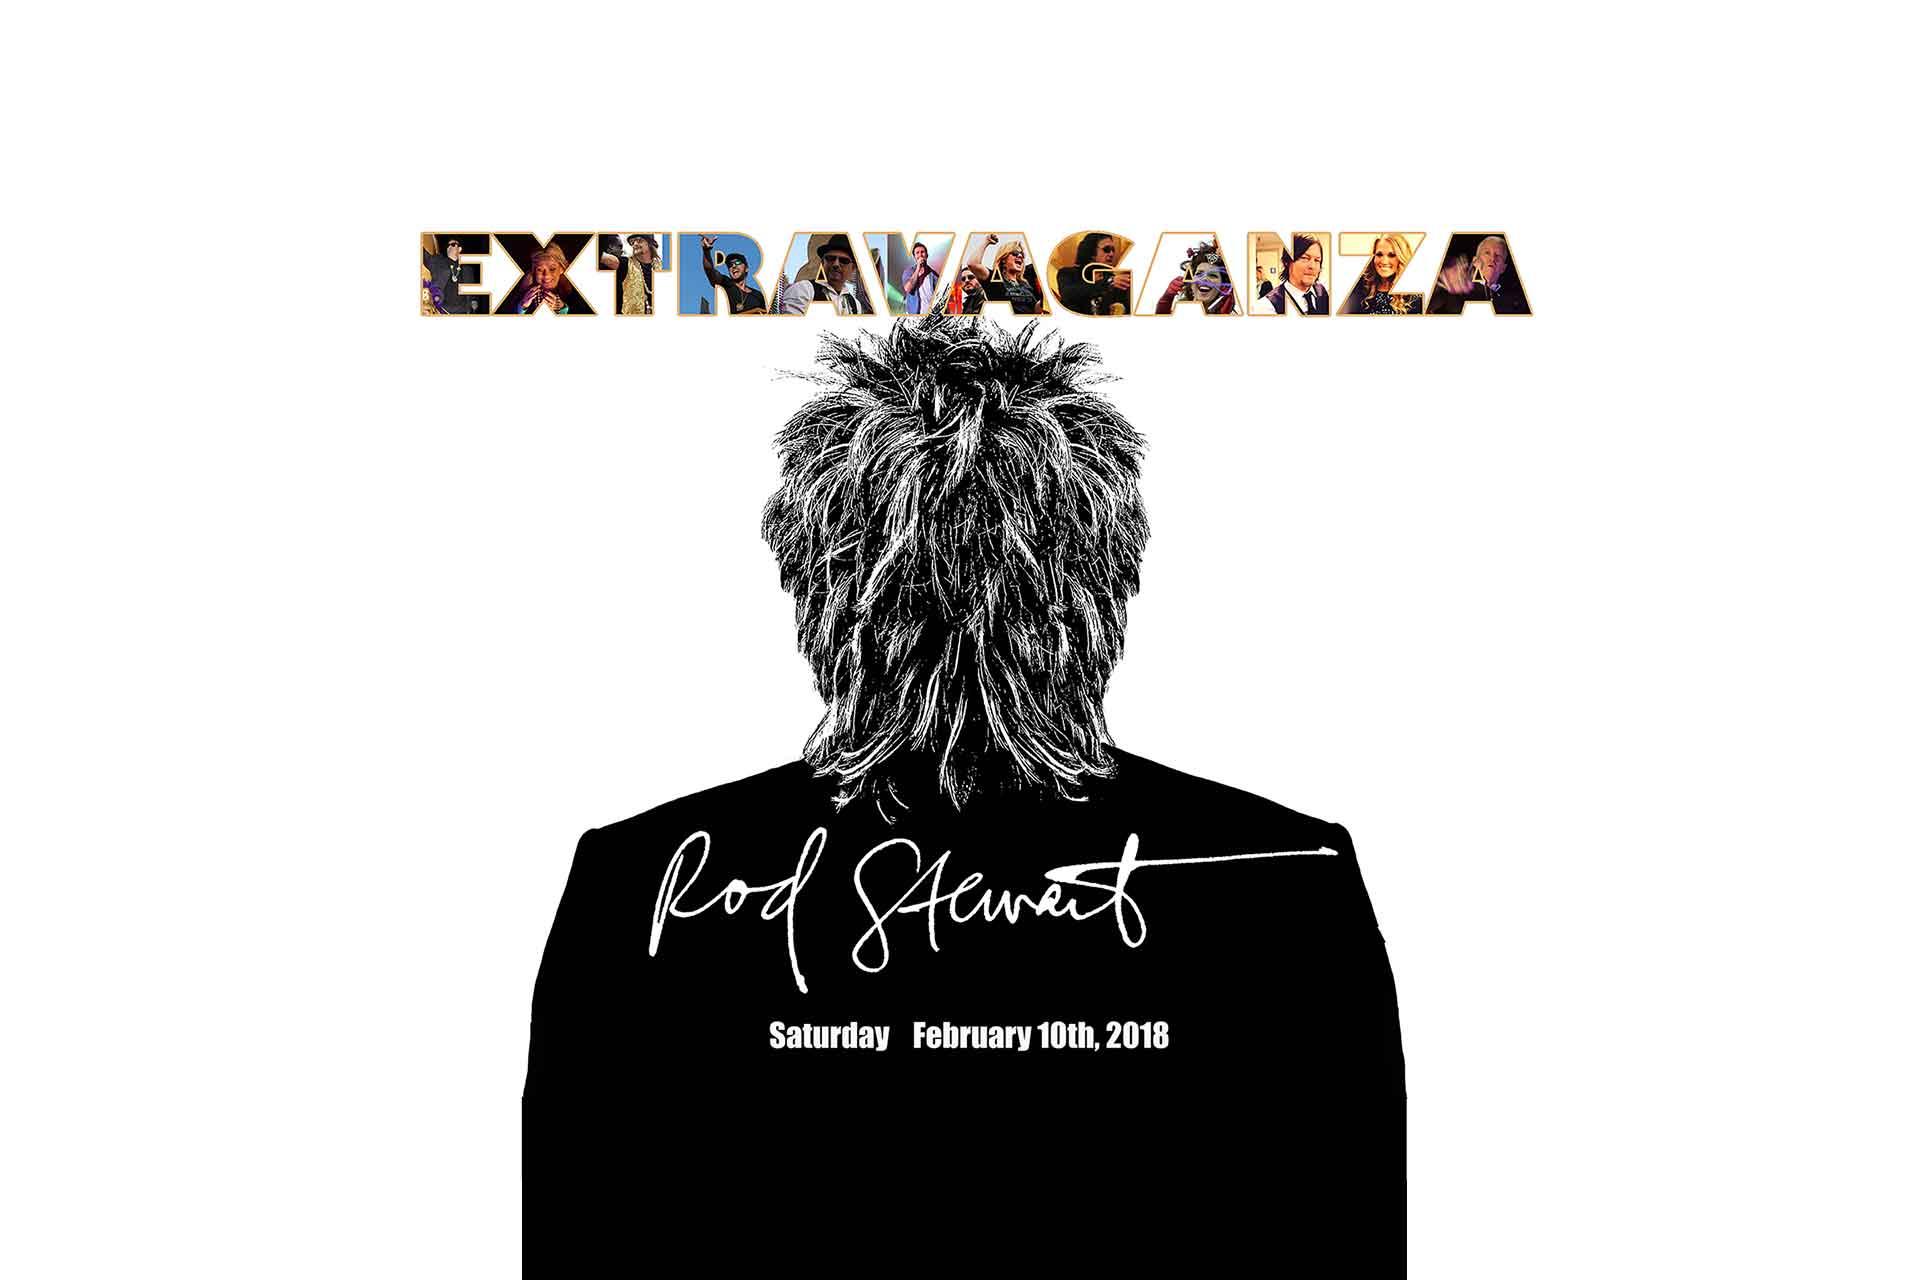 Endymion Extravaganza 2017 Rod Stewart